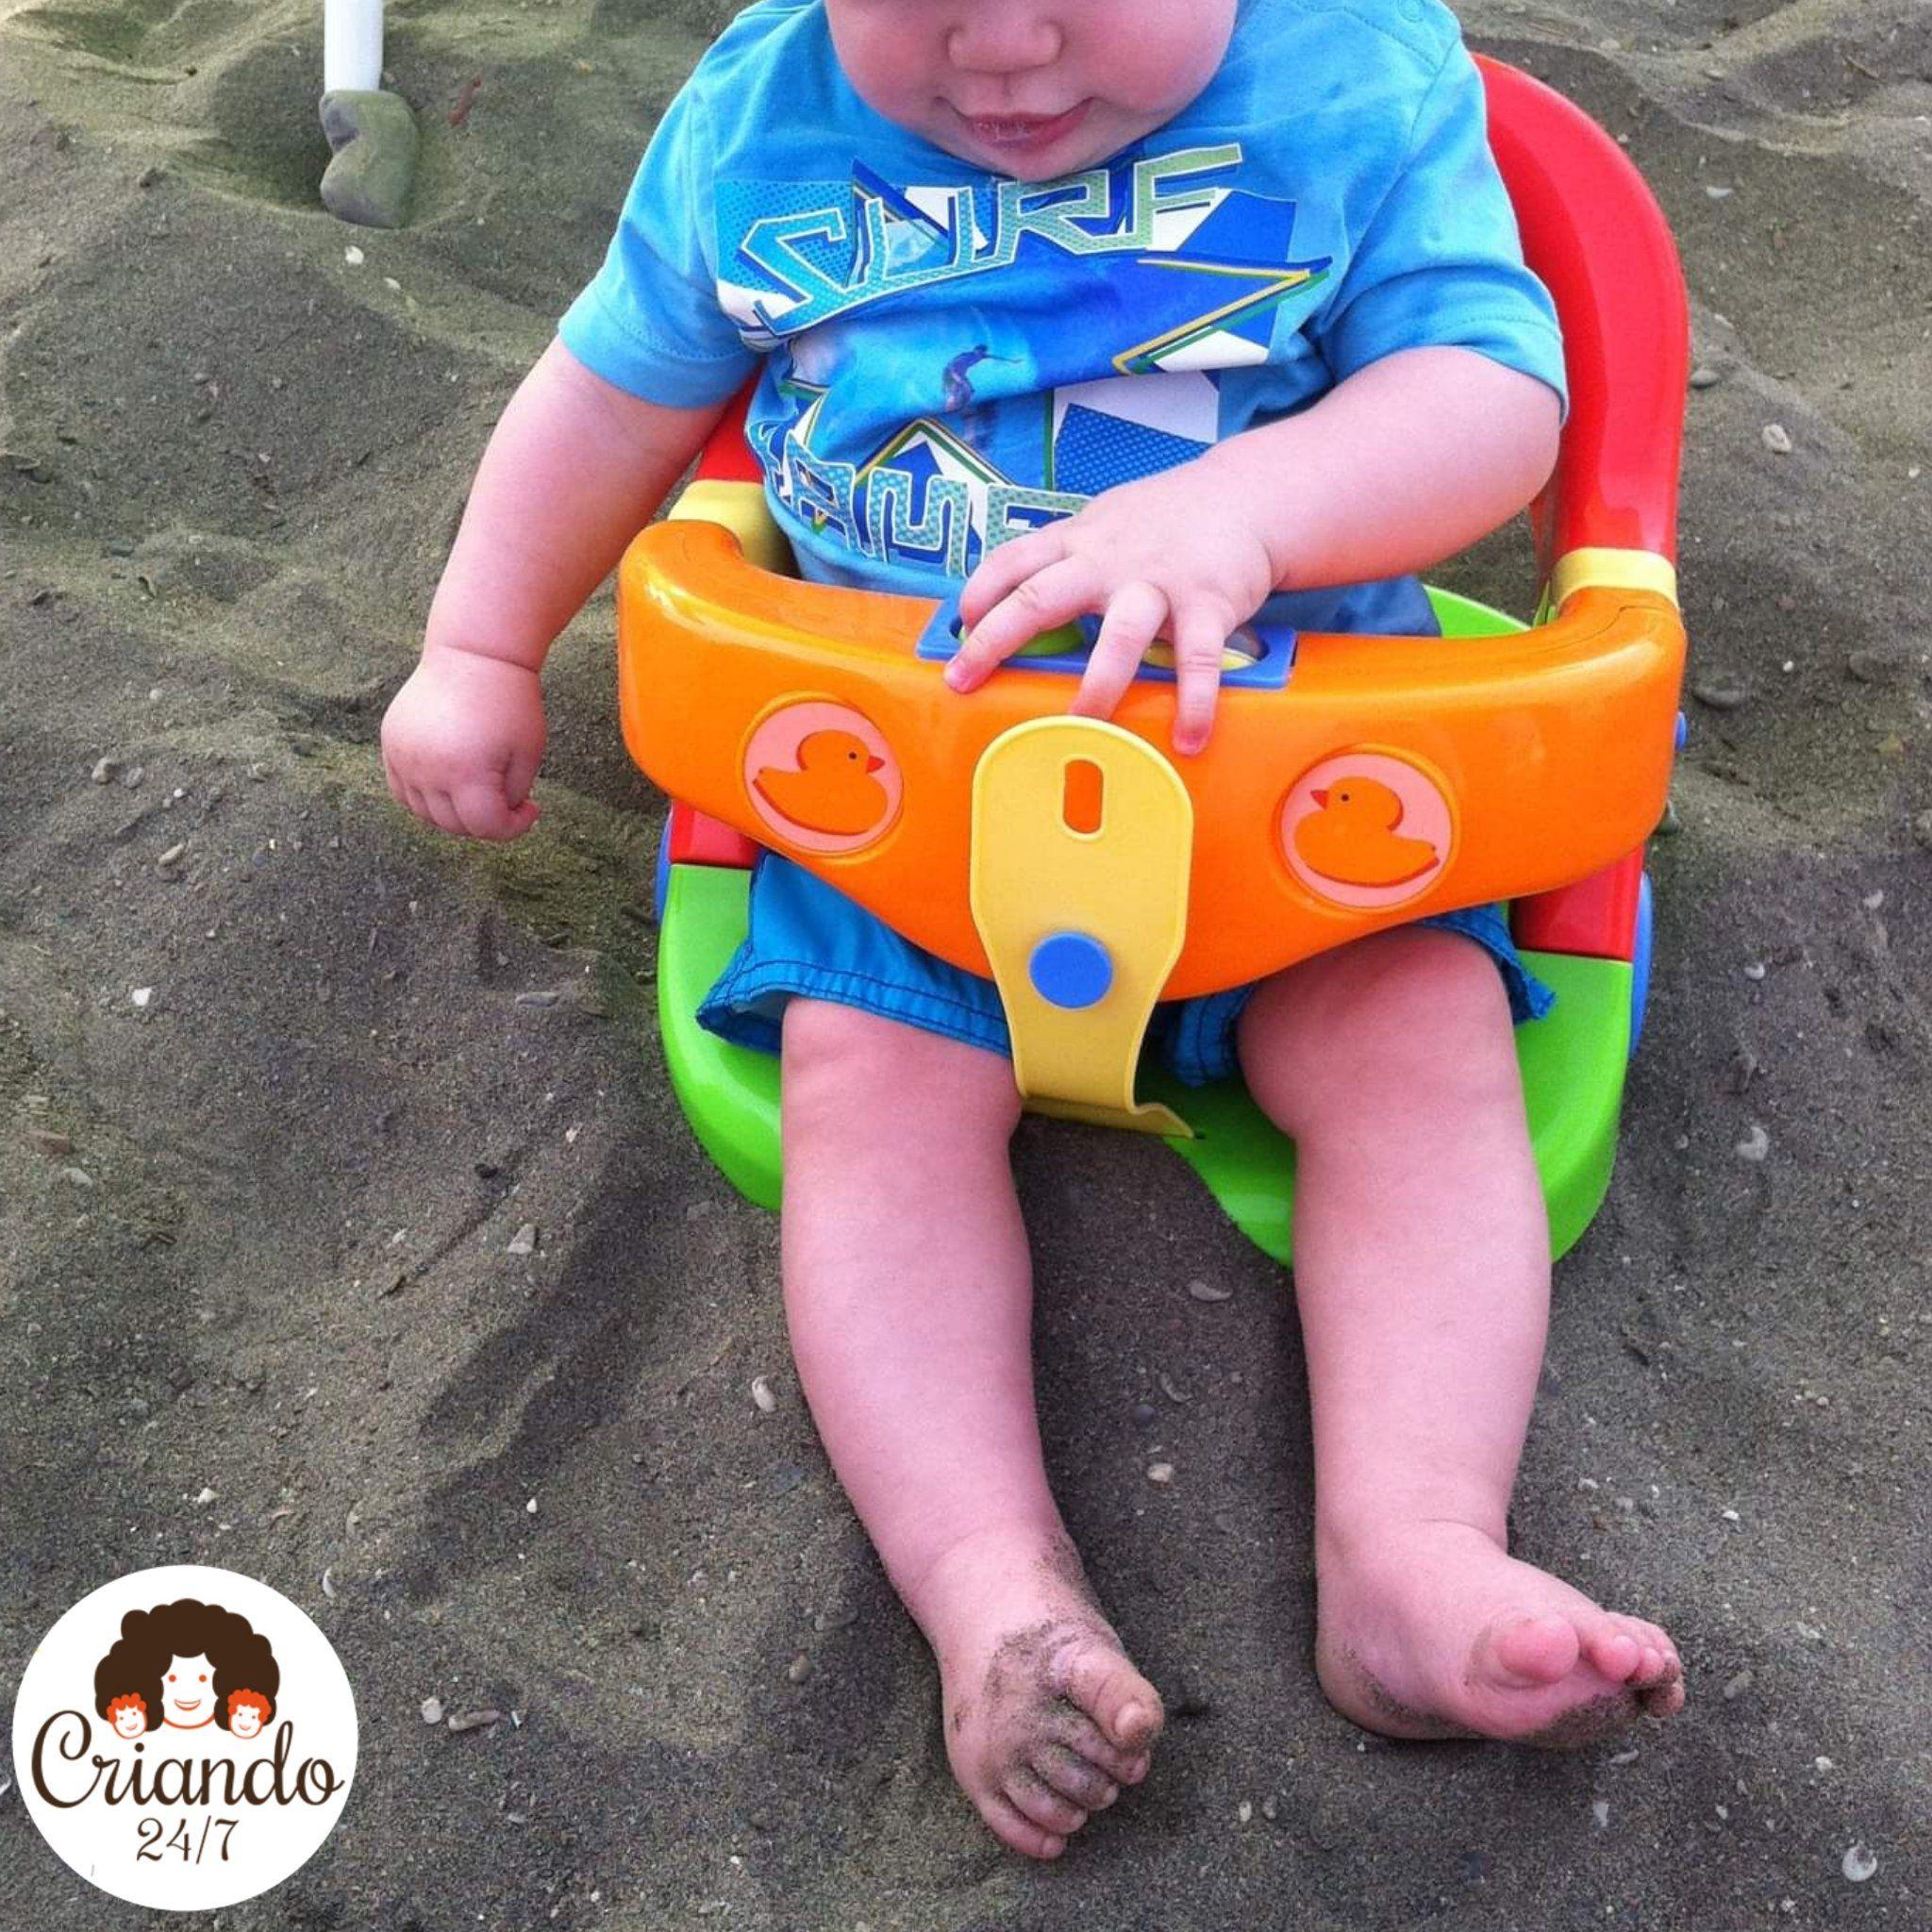 Mi hijo con 8 meses, sentado en la playa dentro de un soporte para bañeras ya que de lo contrario se caía hacia el lado derecho.